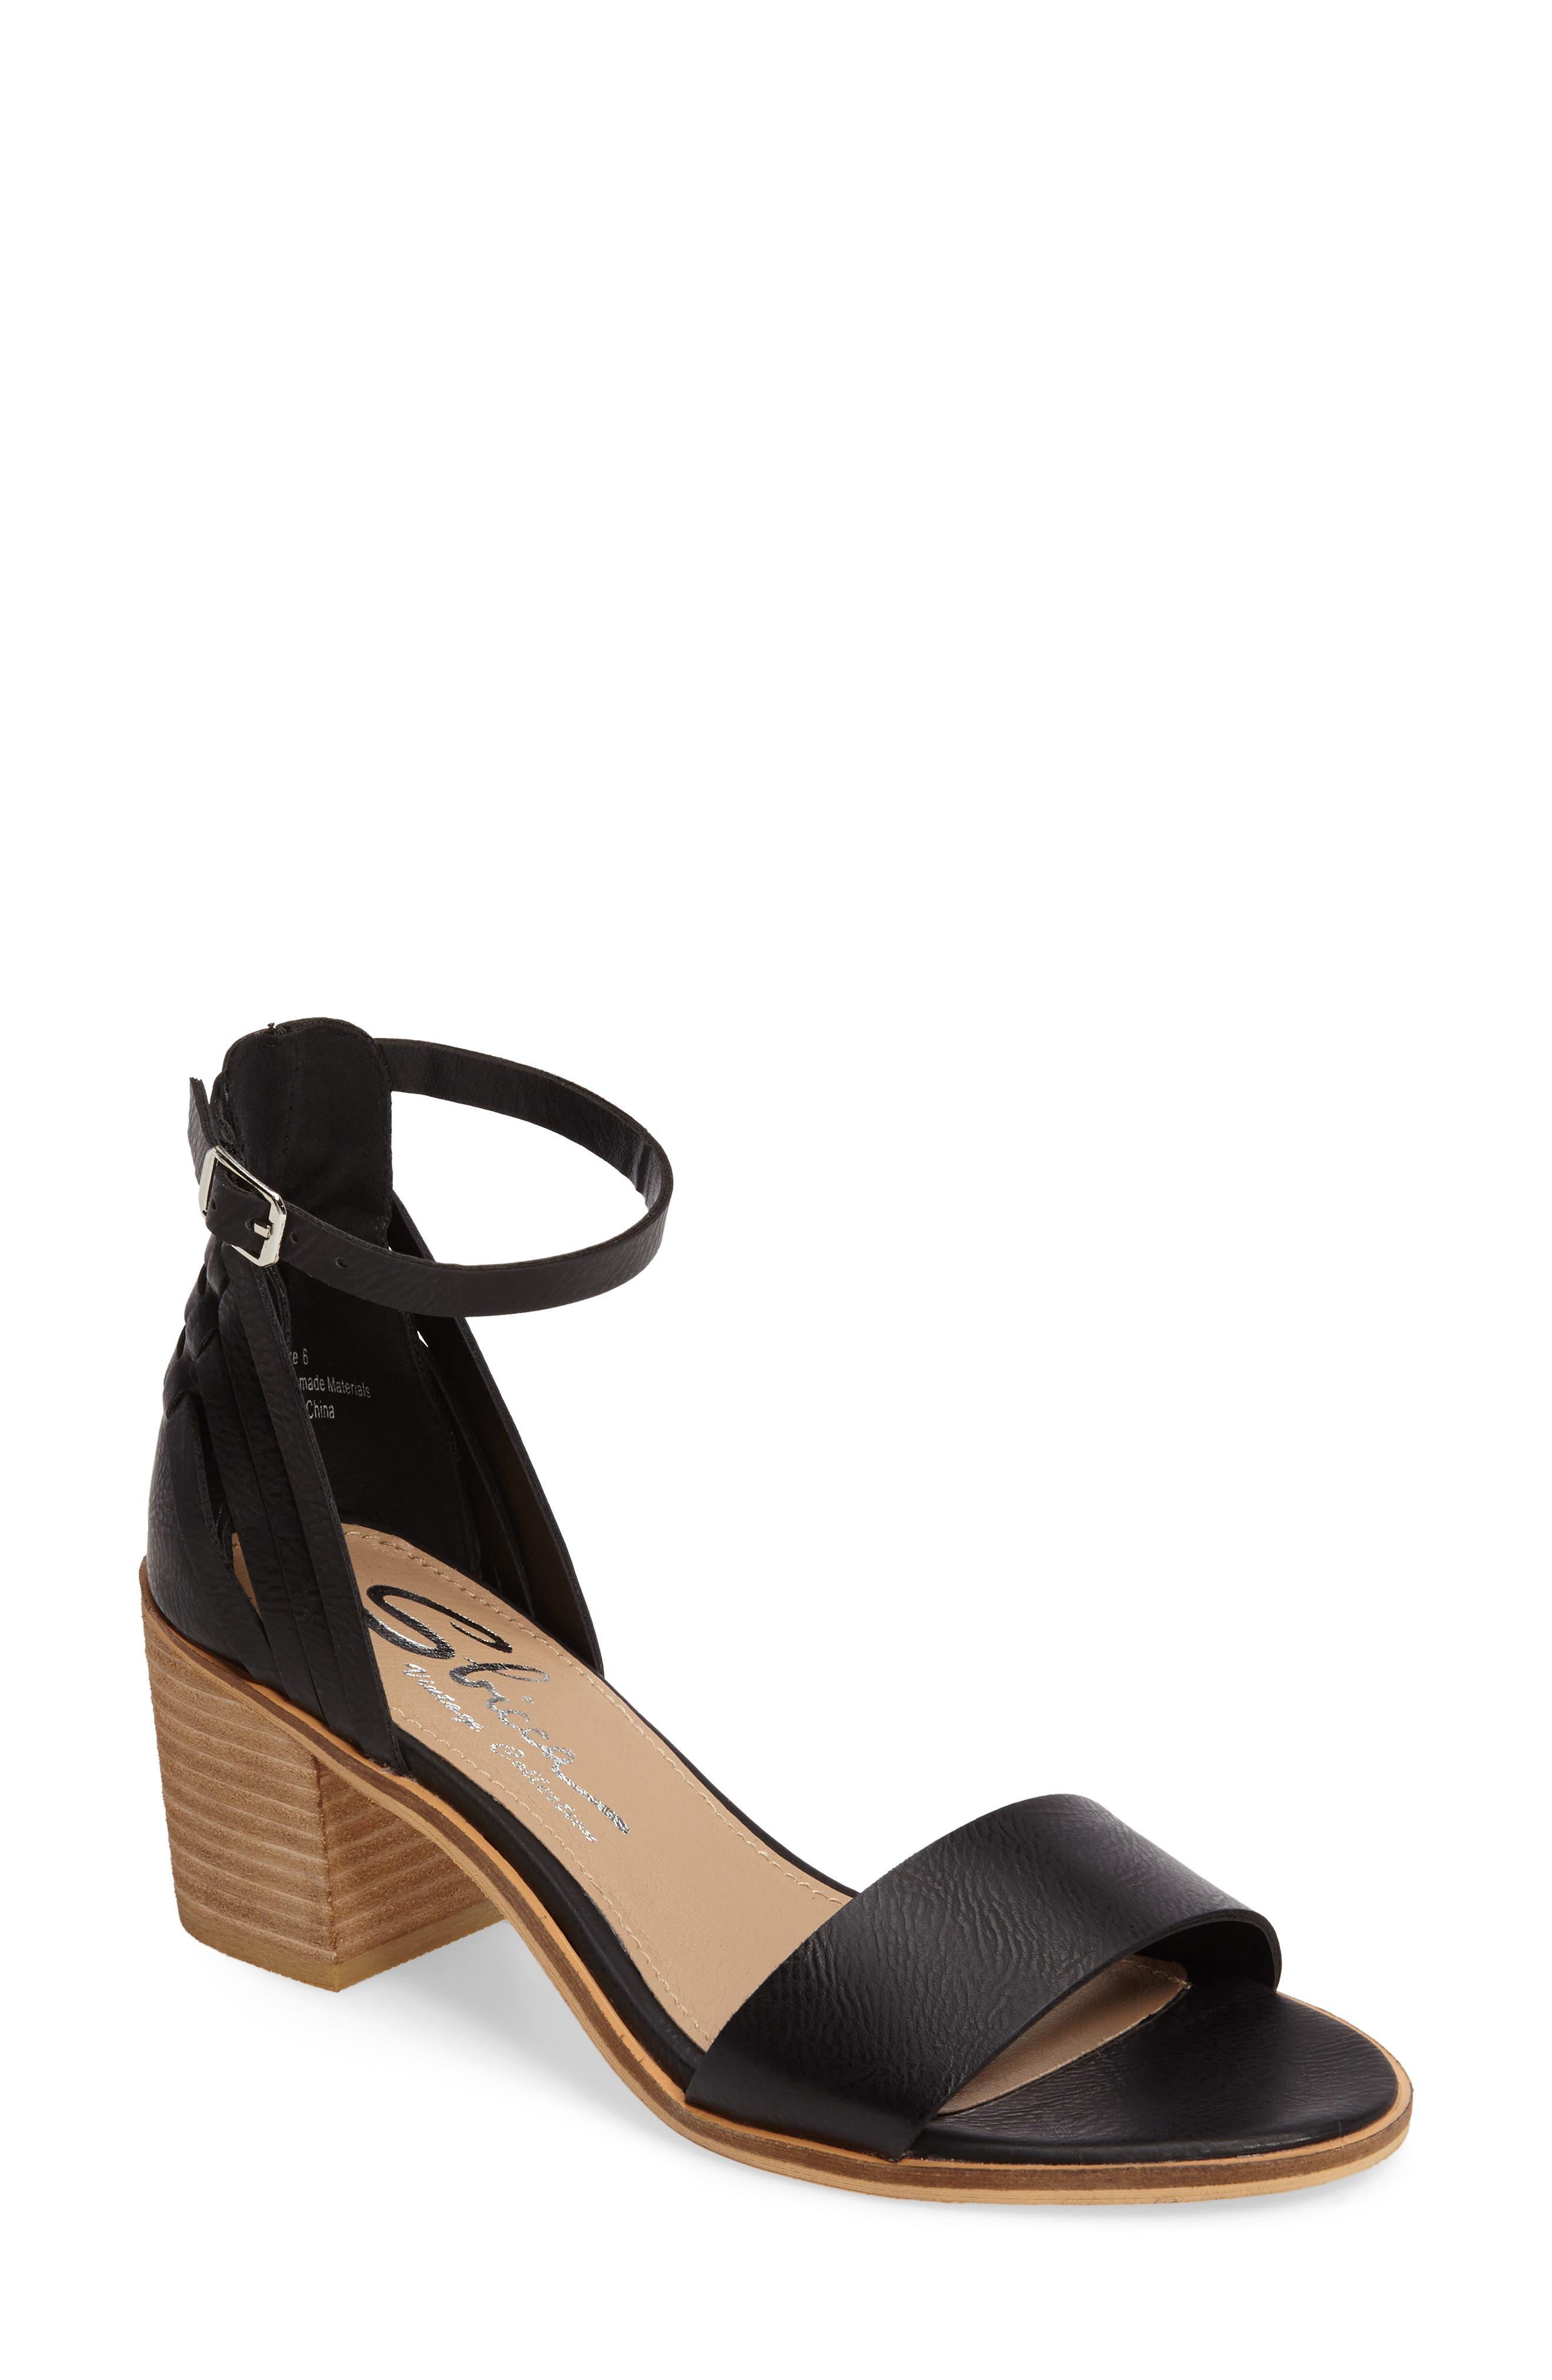 Fars Block Heel Sandal,                         Main,                         color, 001